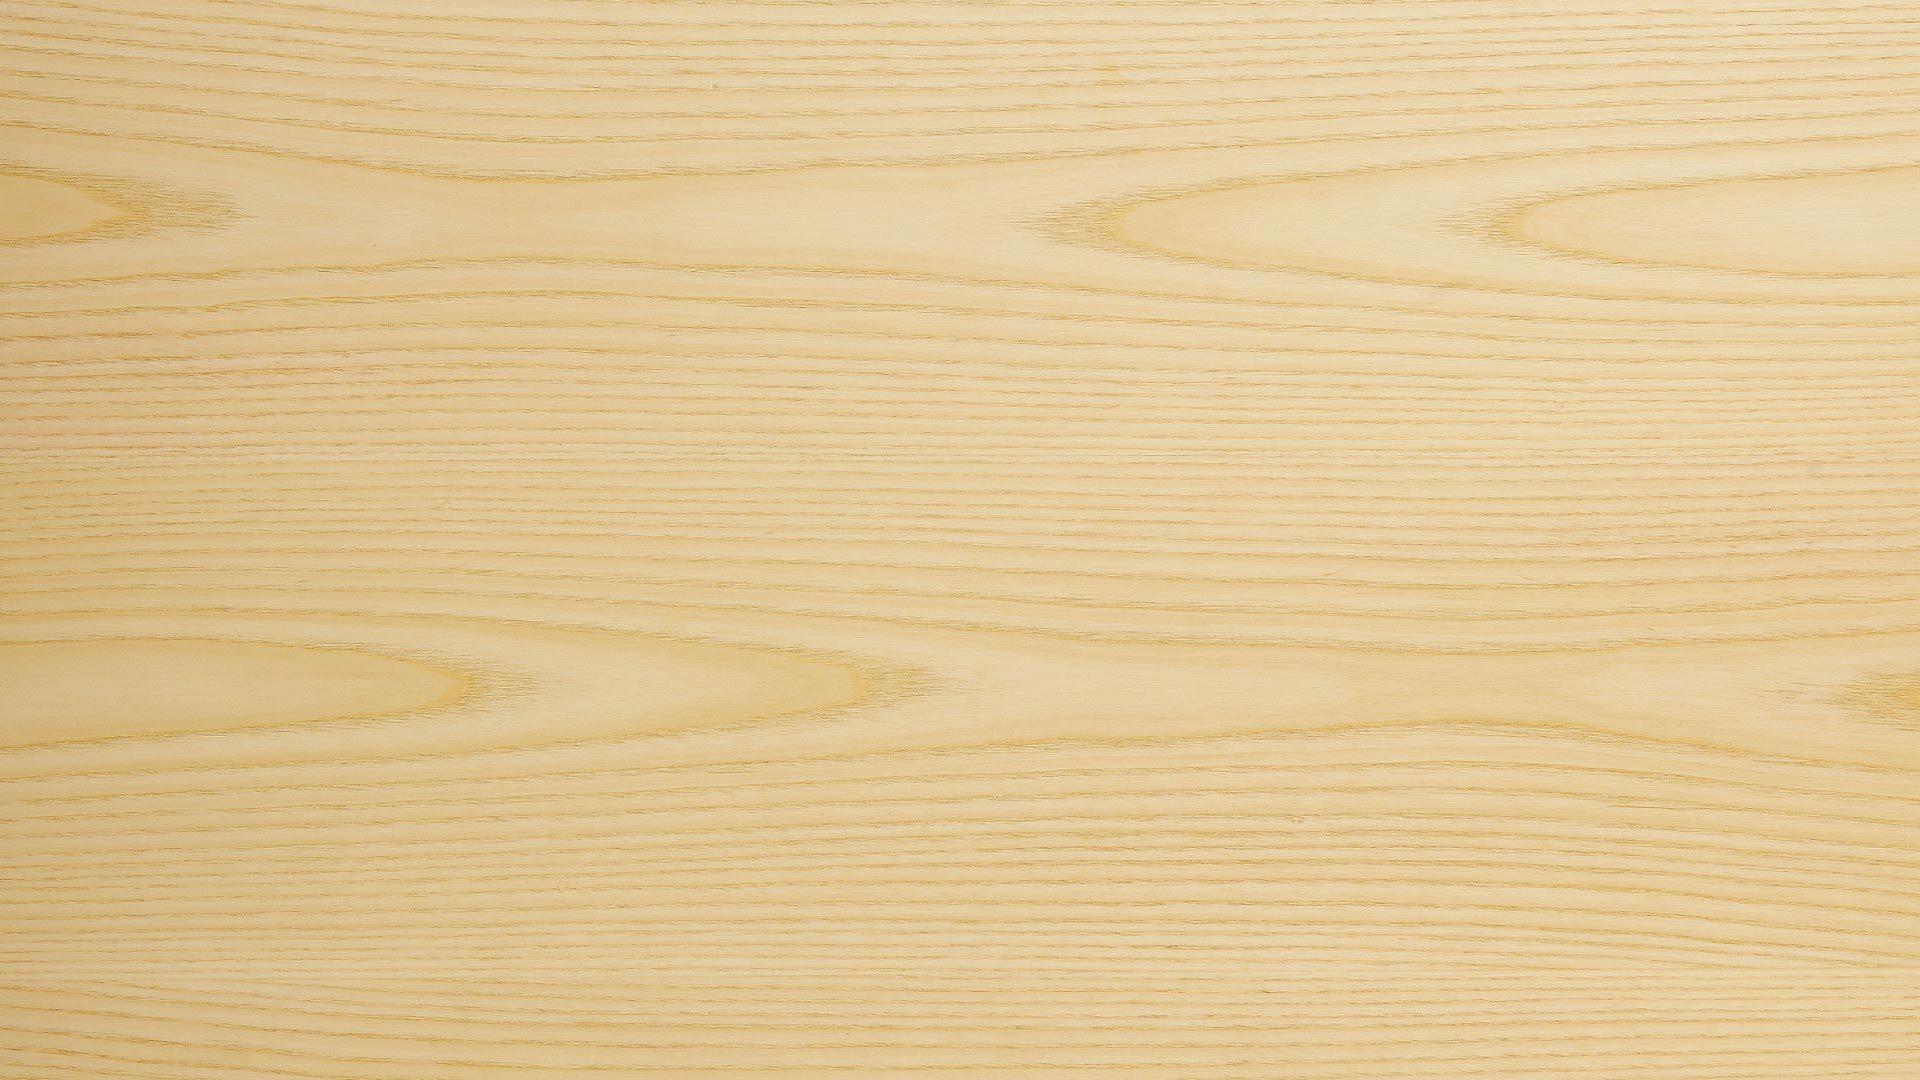 北美进口A级白蜡木皮,天然木感凹凸可触